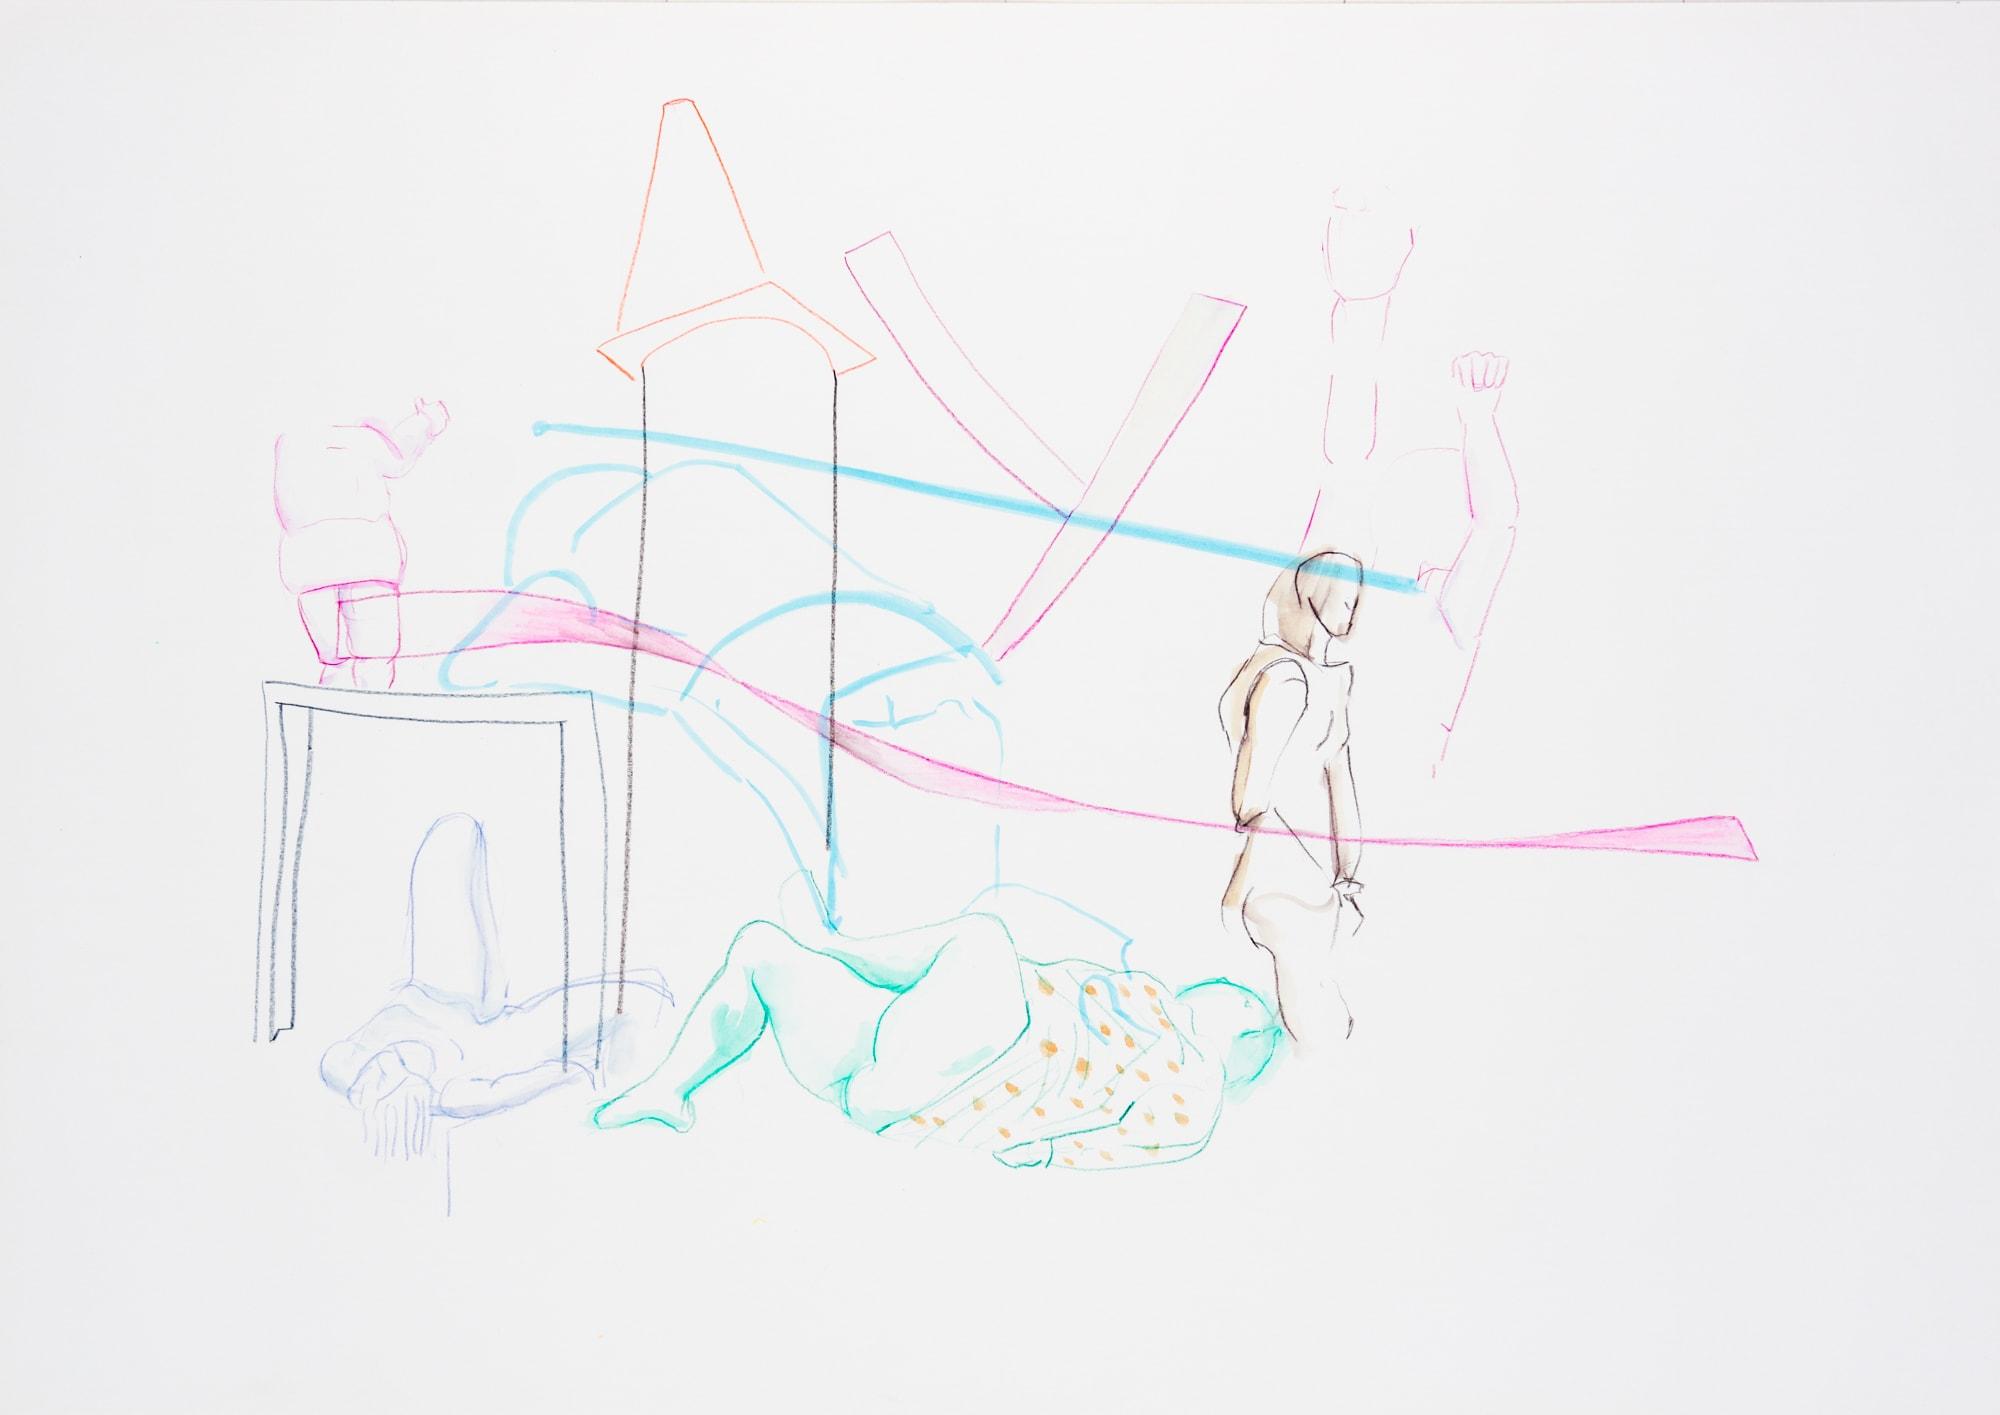 Zeichnung, Acrylmarker, Aquarell und Farbstift auf Papier, 59,4x42cm, Akt, Künstlerin: Franziska King